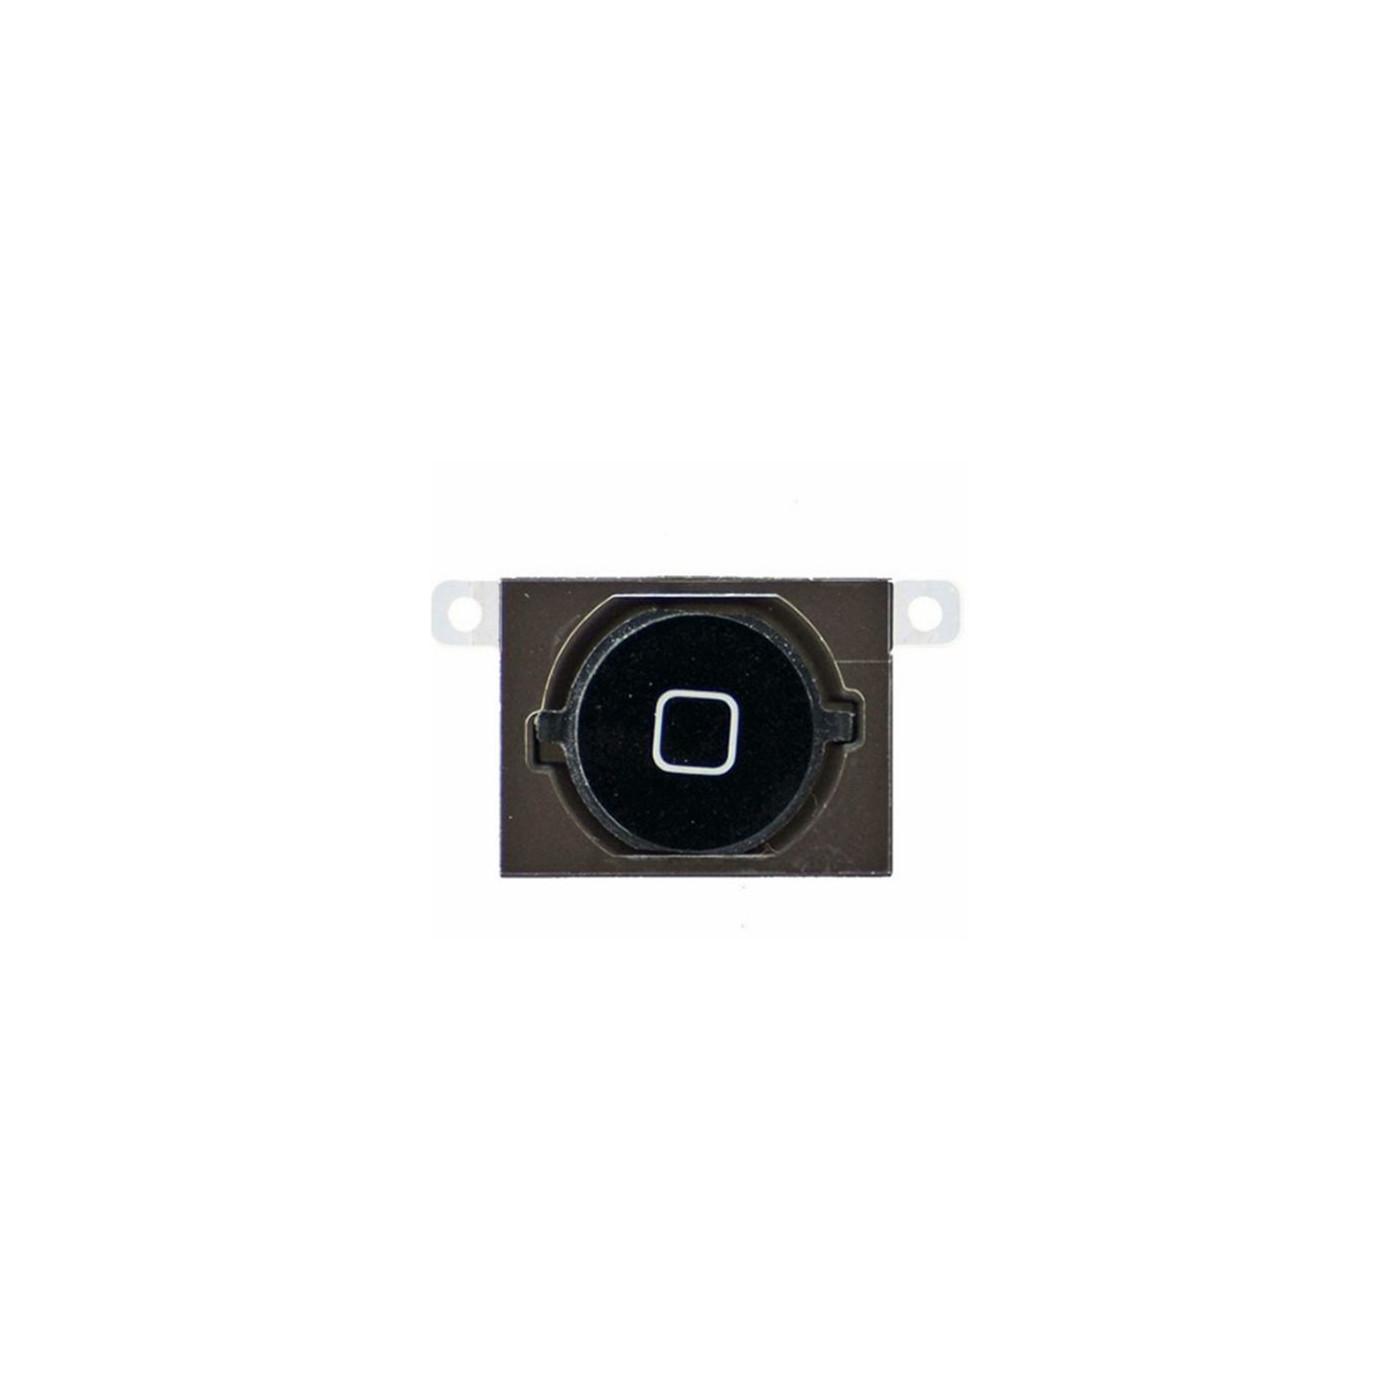 Tasto home apple iphone 4s nero button bottone centrale pulsante cursore